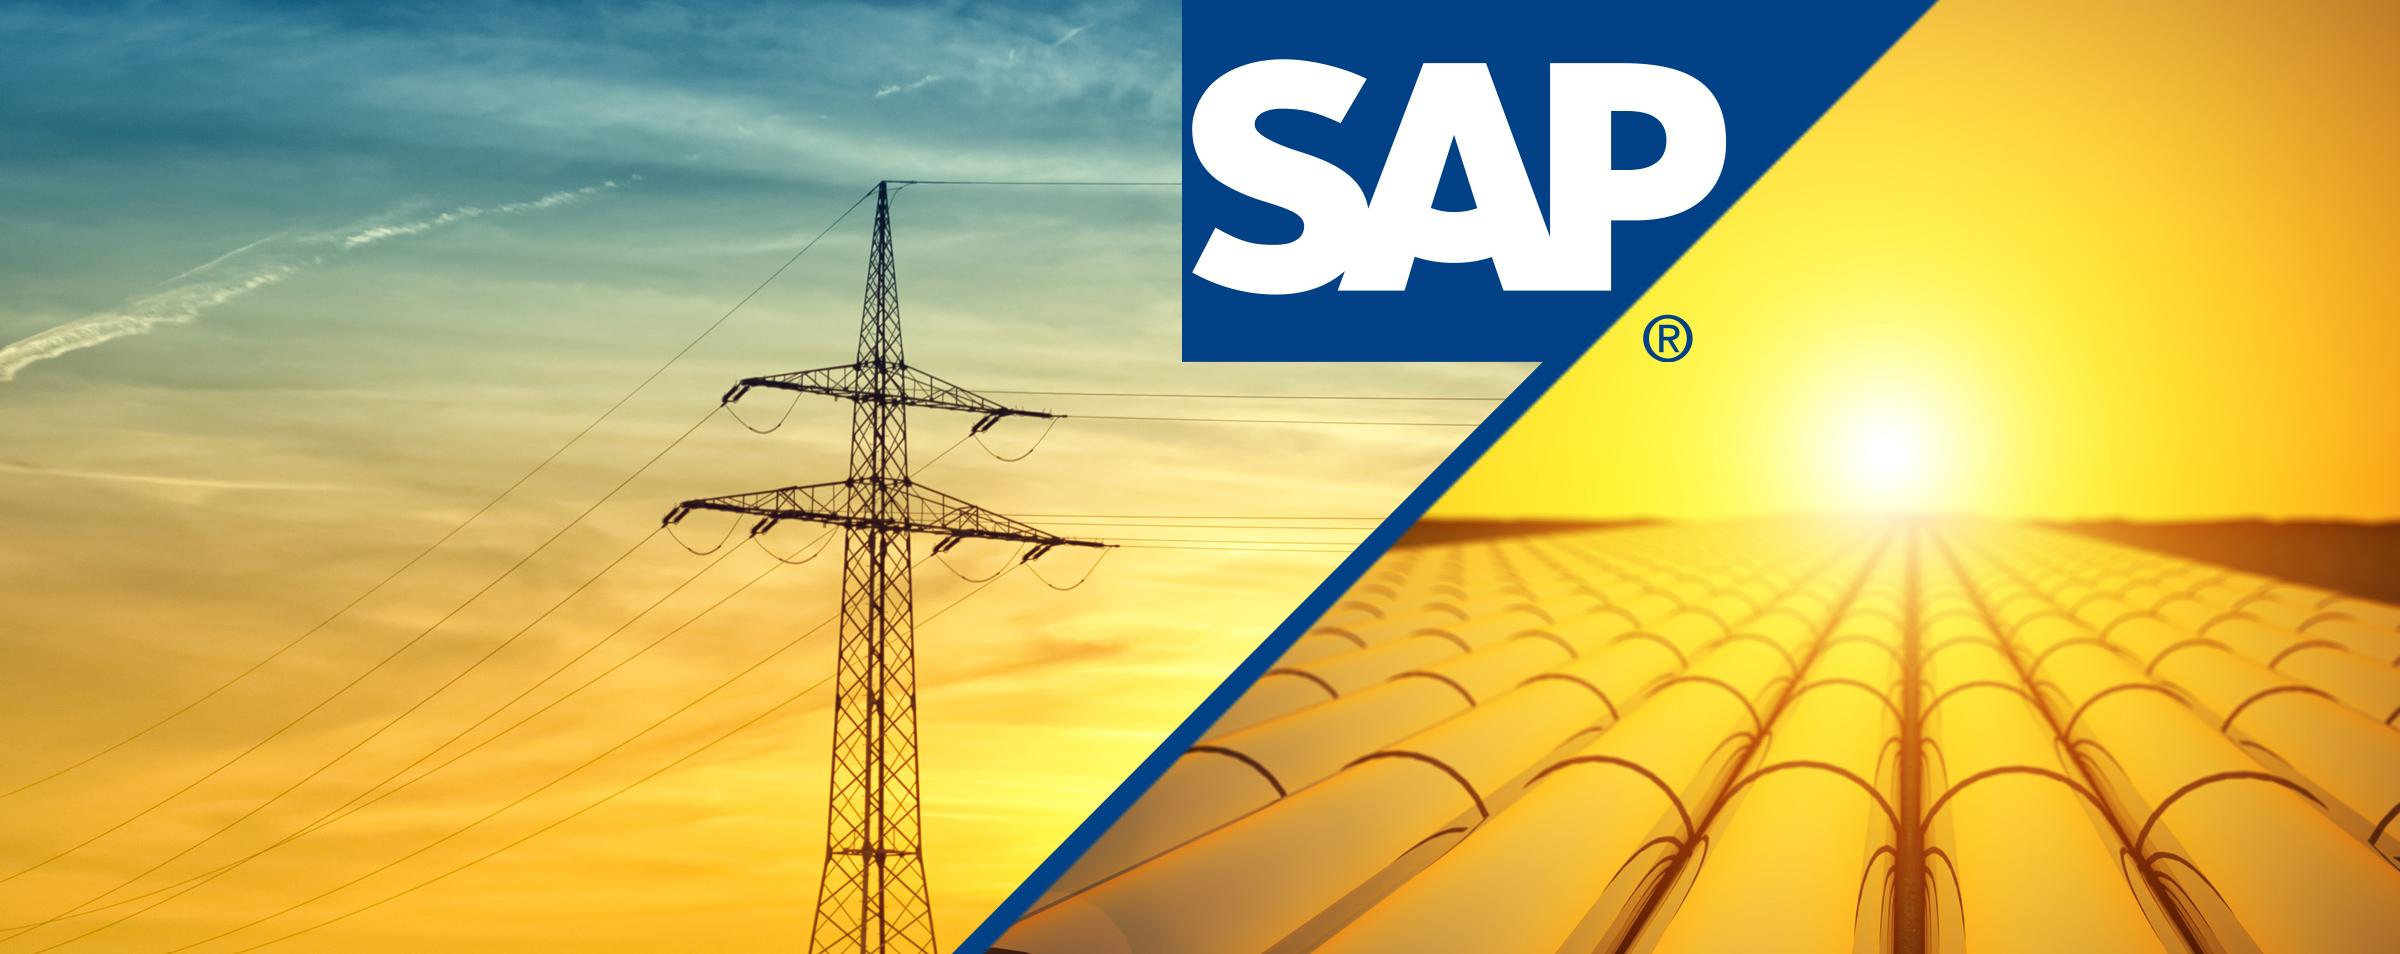 Best 48 SAP Wallpaper on HipWallpaper Rip ASAP Yams Wallpaper 2400x954